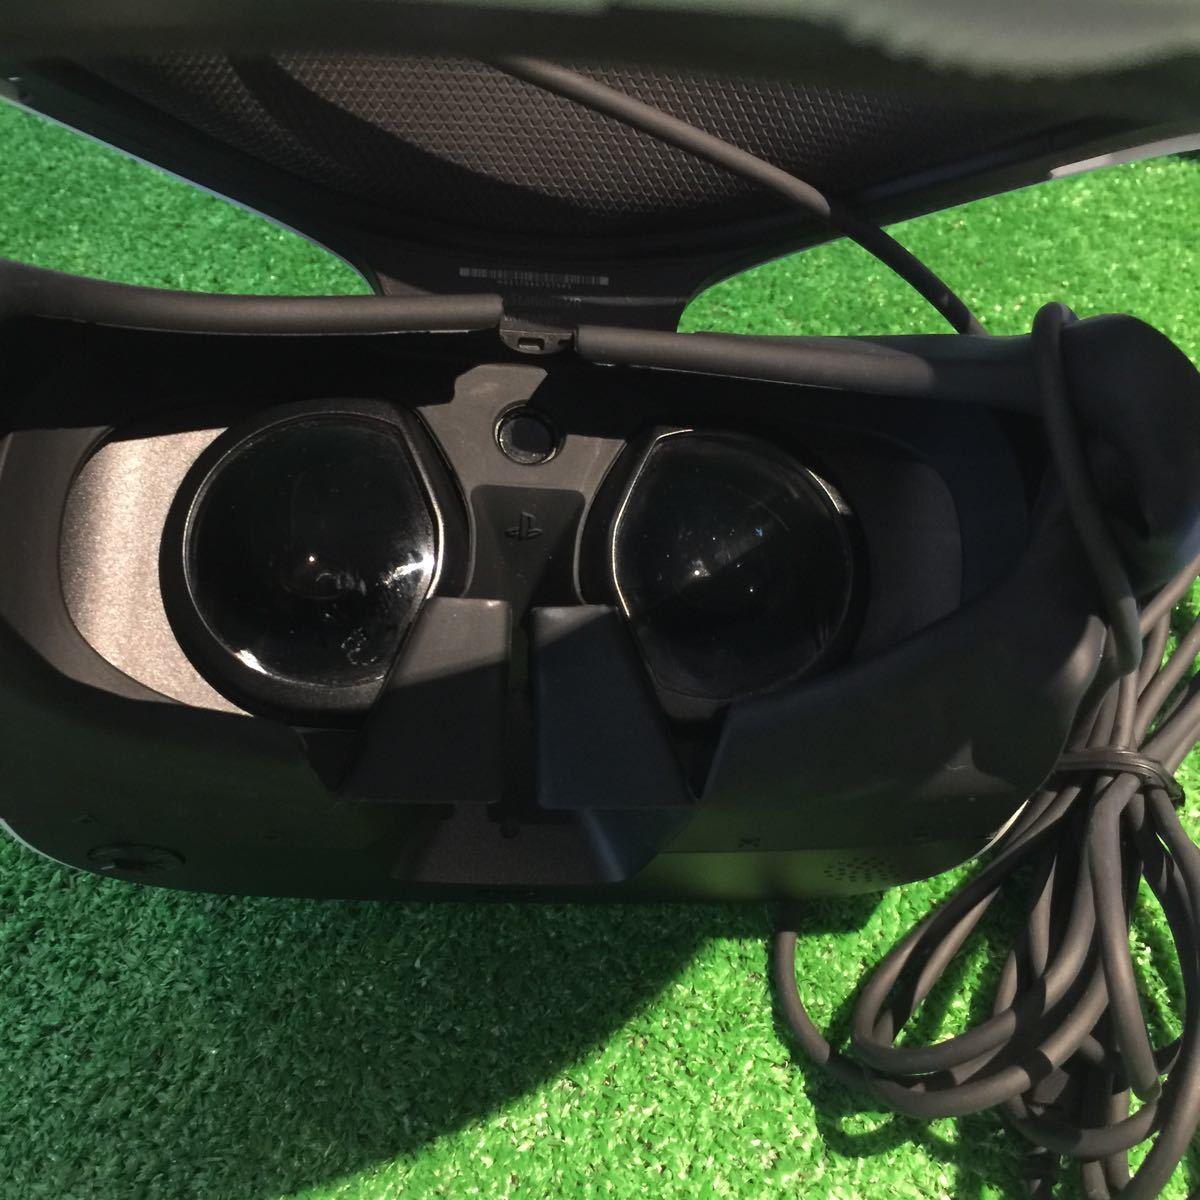 1円~ PSVR PlayStation VR PlayStation Camera同梱版 CUHJ-16003 元箱 説明書付き (77) 100サイズ_画像4